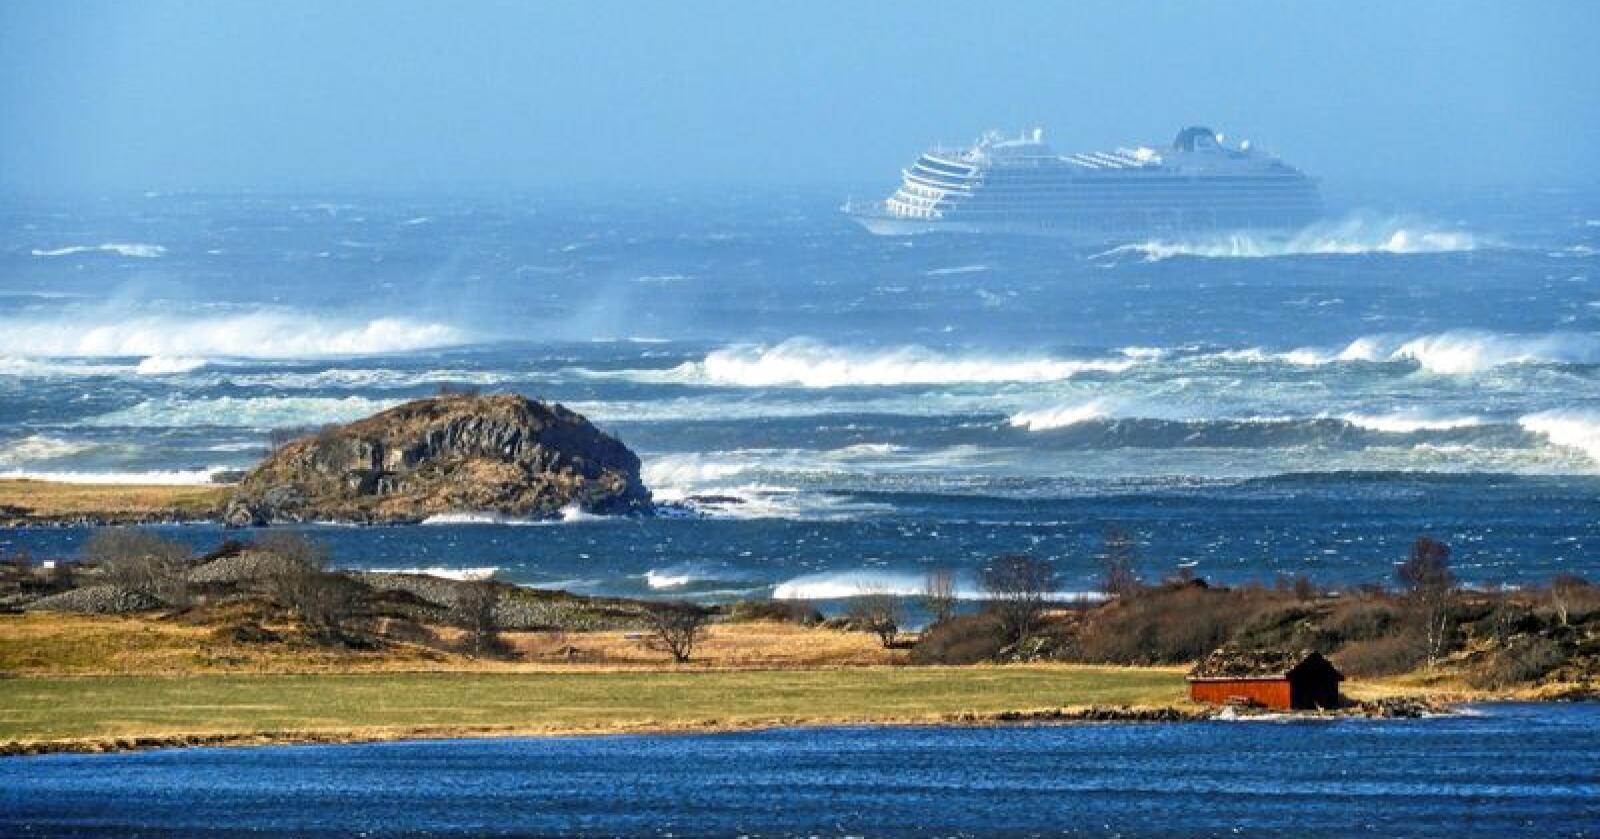 Redningsoperasjon: I mars fikk cruiseskipet Viking Sky motortrøbbel i Hustadvika i Møre og Romsdal. En stor redningsoperasjon ble satt i verk for å få passasjerene i land.Foto: Frank Einar Vatne / NTB scanpix